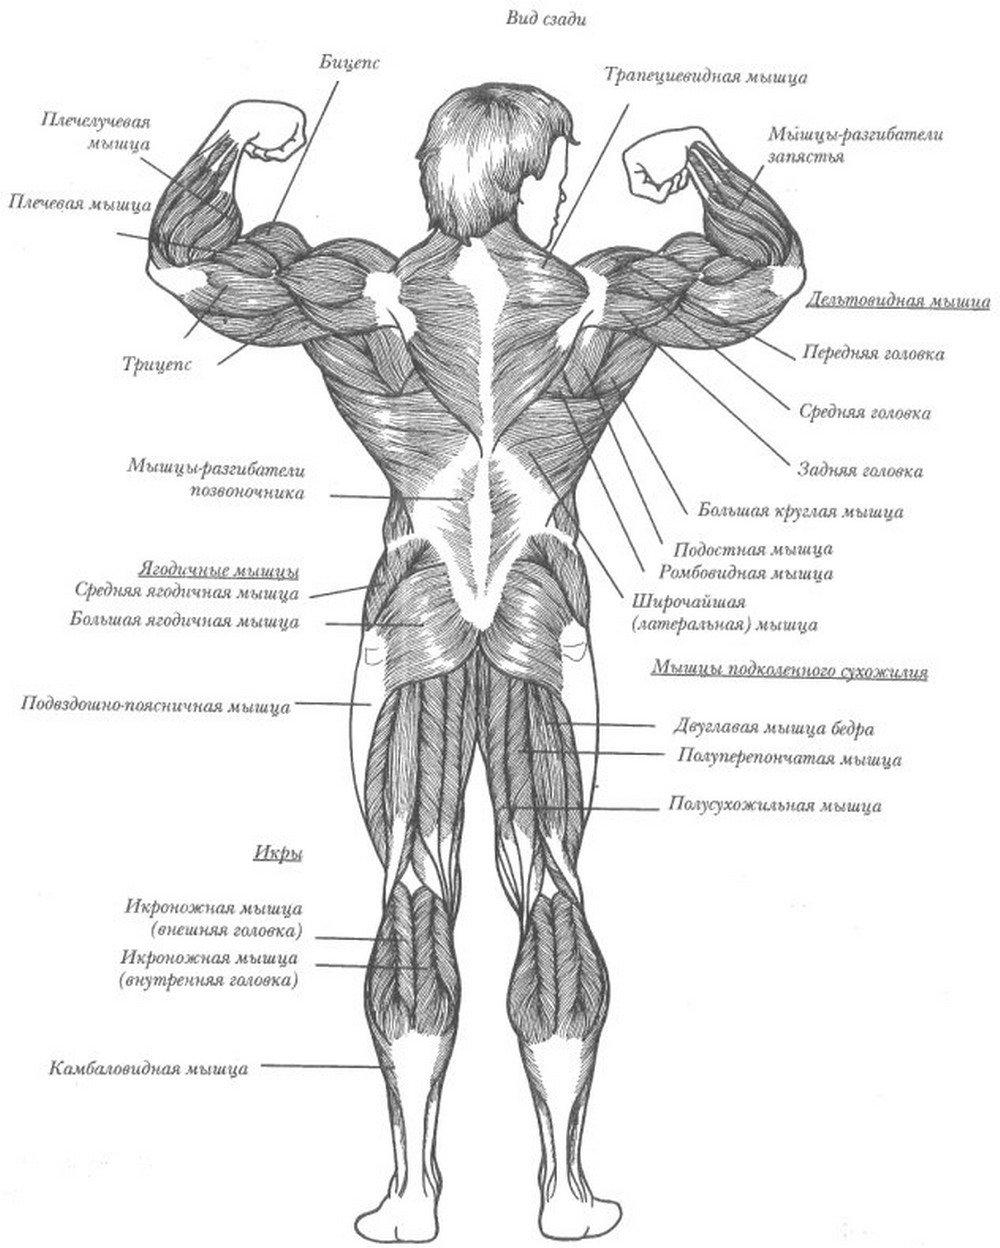 мышцы человека фото с описанием мышц бодибилдинг них даже есть